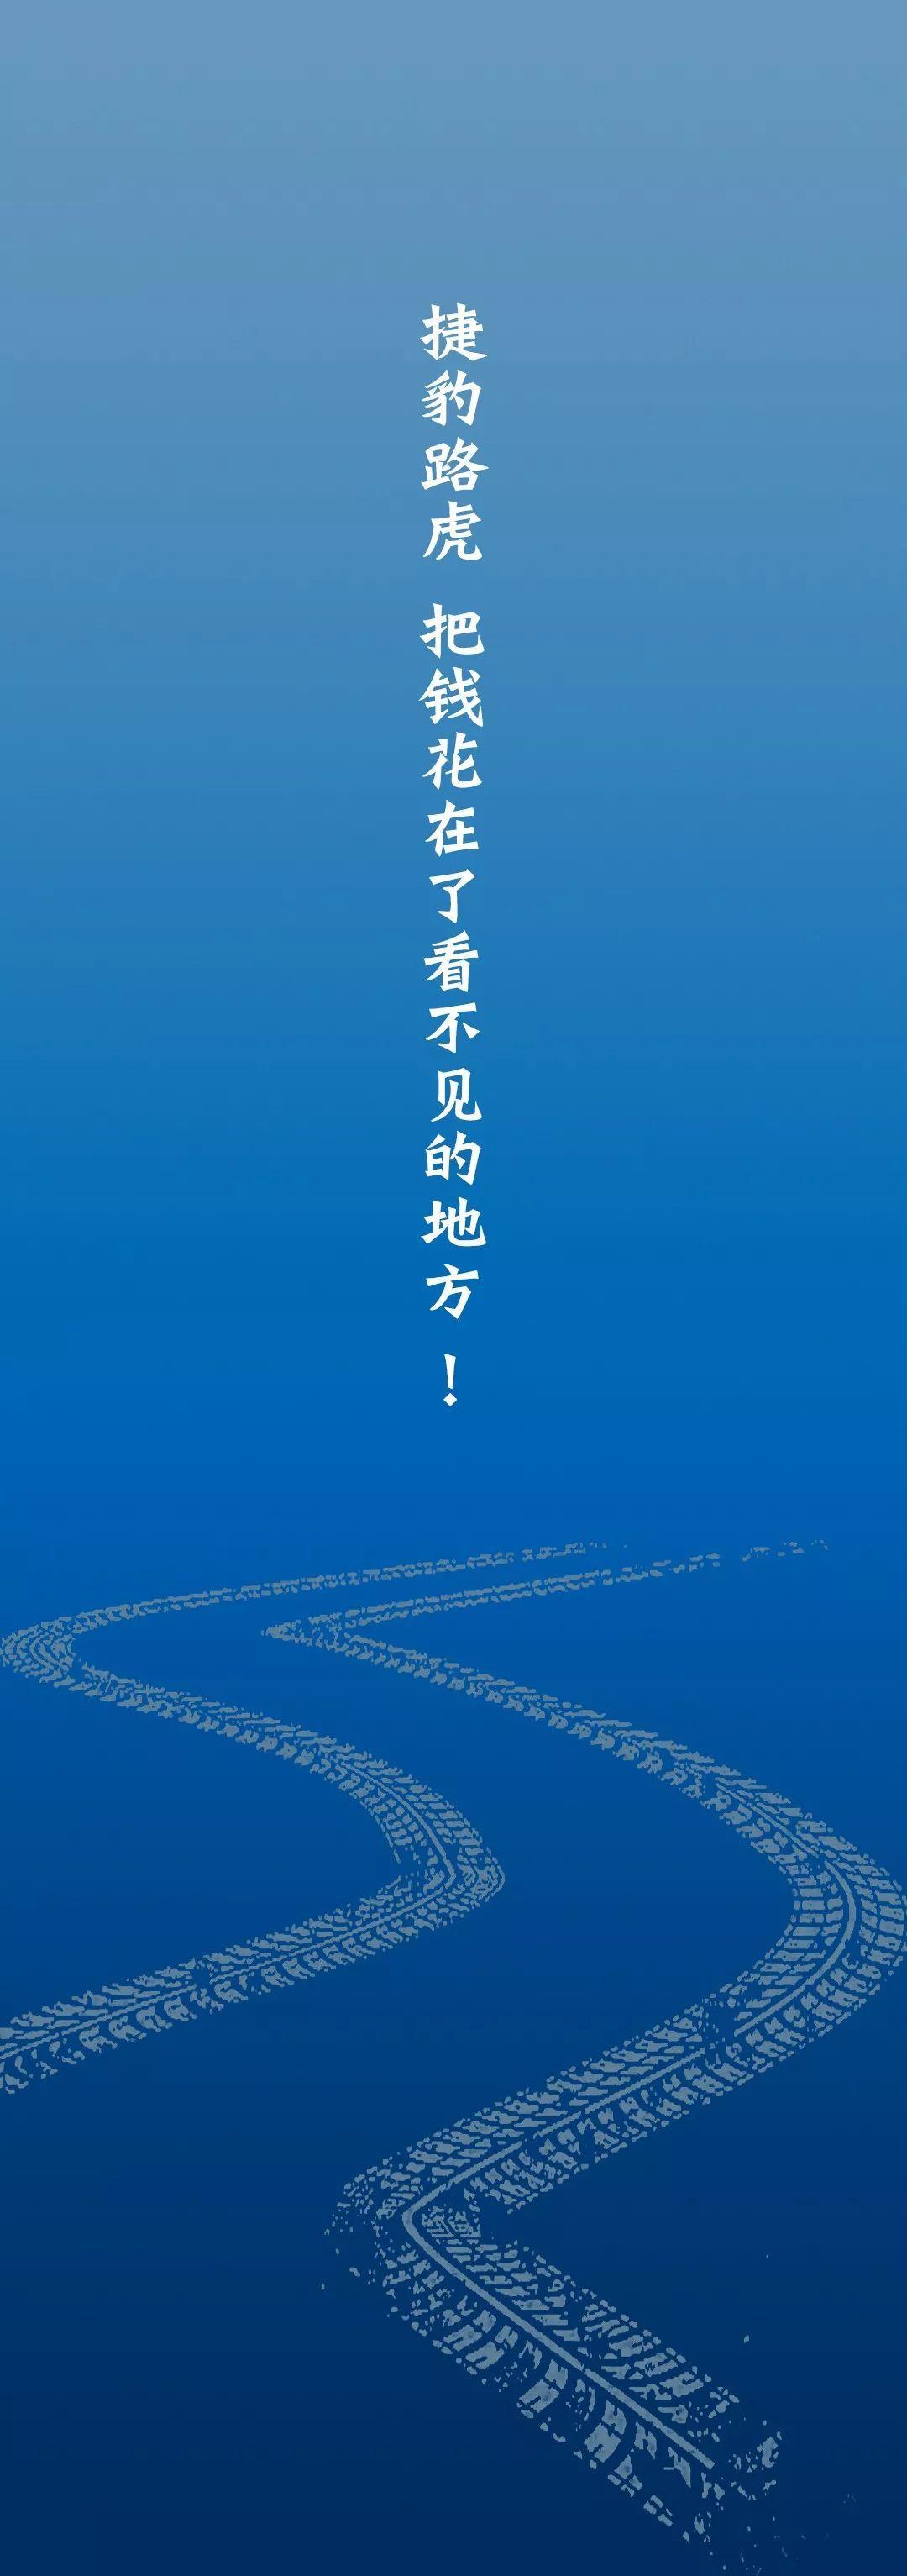 sbf123胜博发娱乐